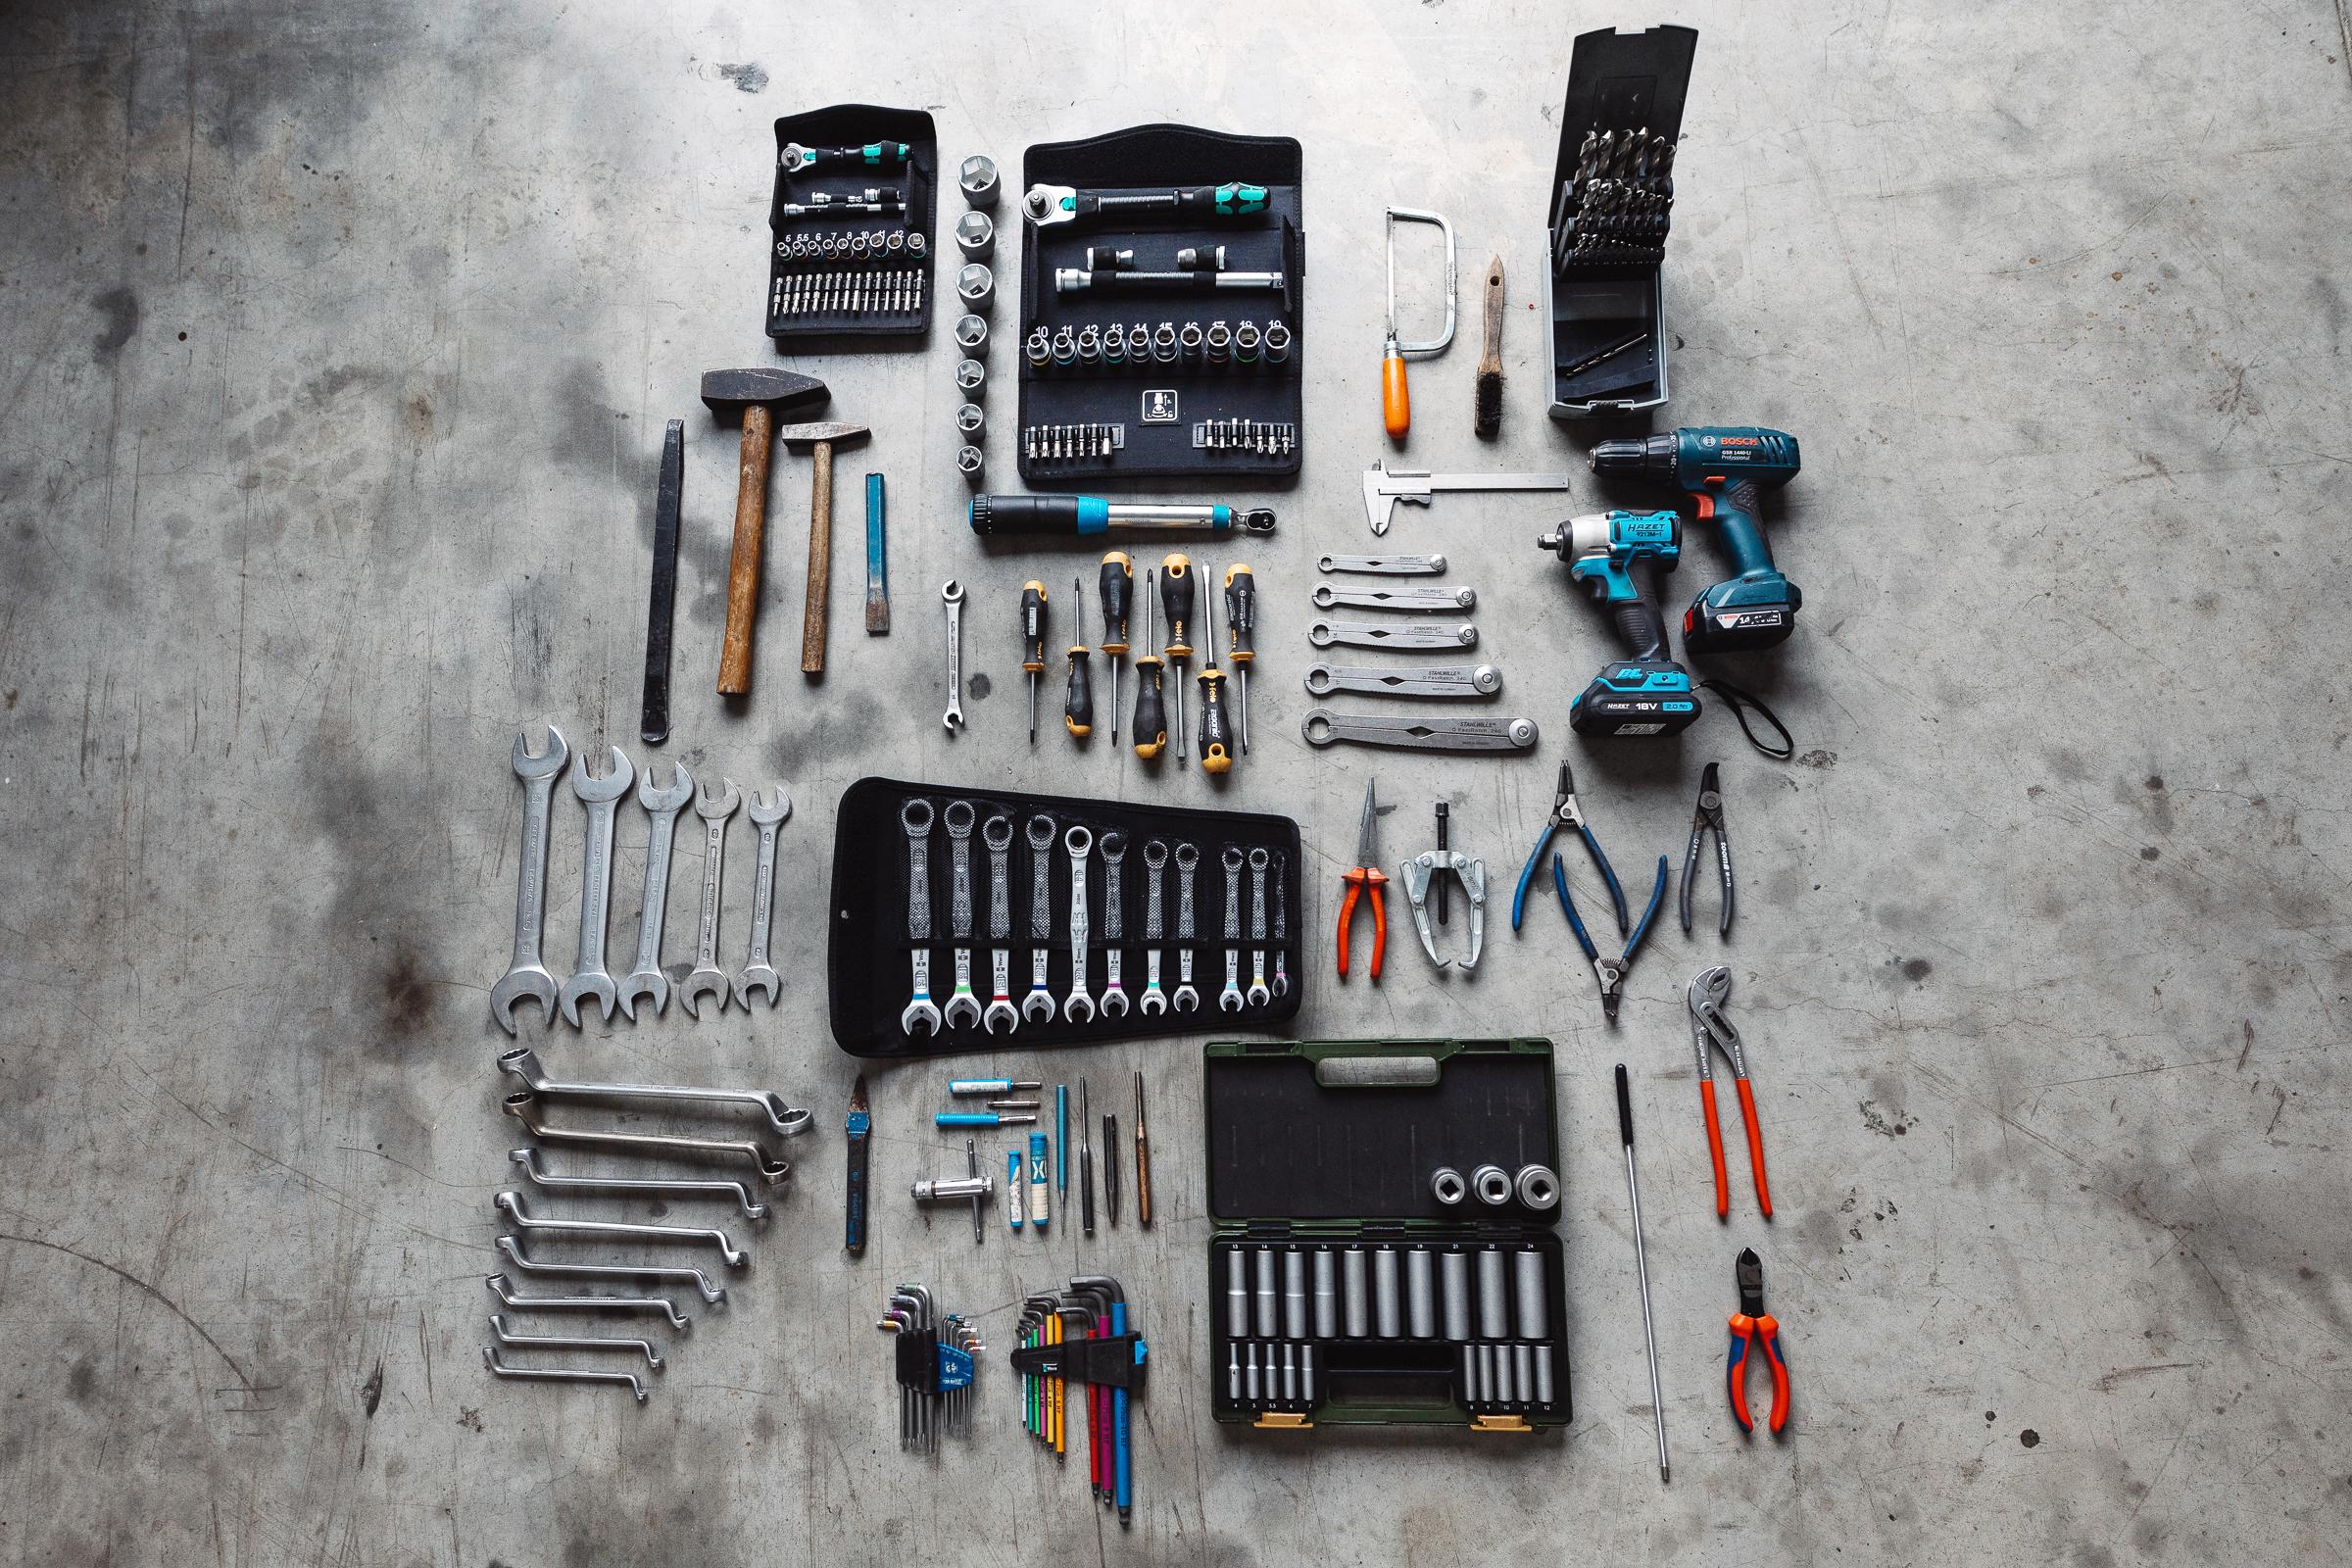 Sinnvolles Werkzeug auf Reisen - Ein gut sortierter Werkzeugsatz für die lange Reise.